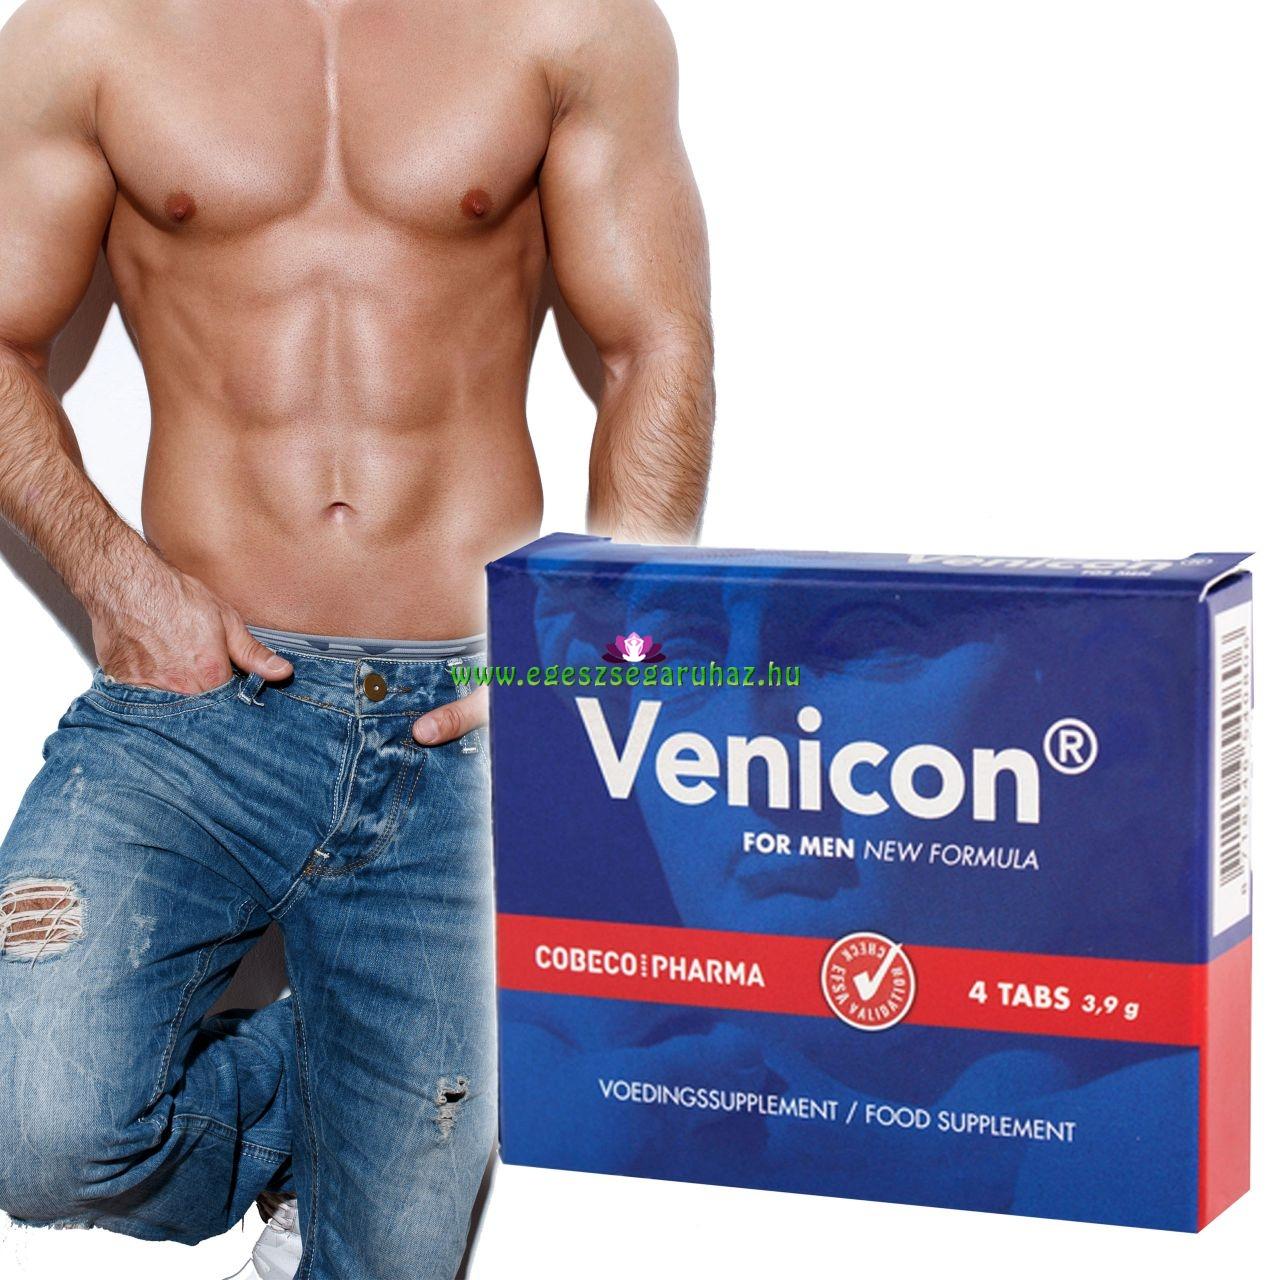 Van egy erekcióm a férfiak számára gyógynövények infúziója erekcióhoz